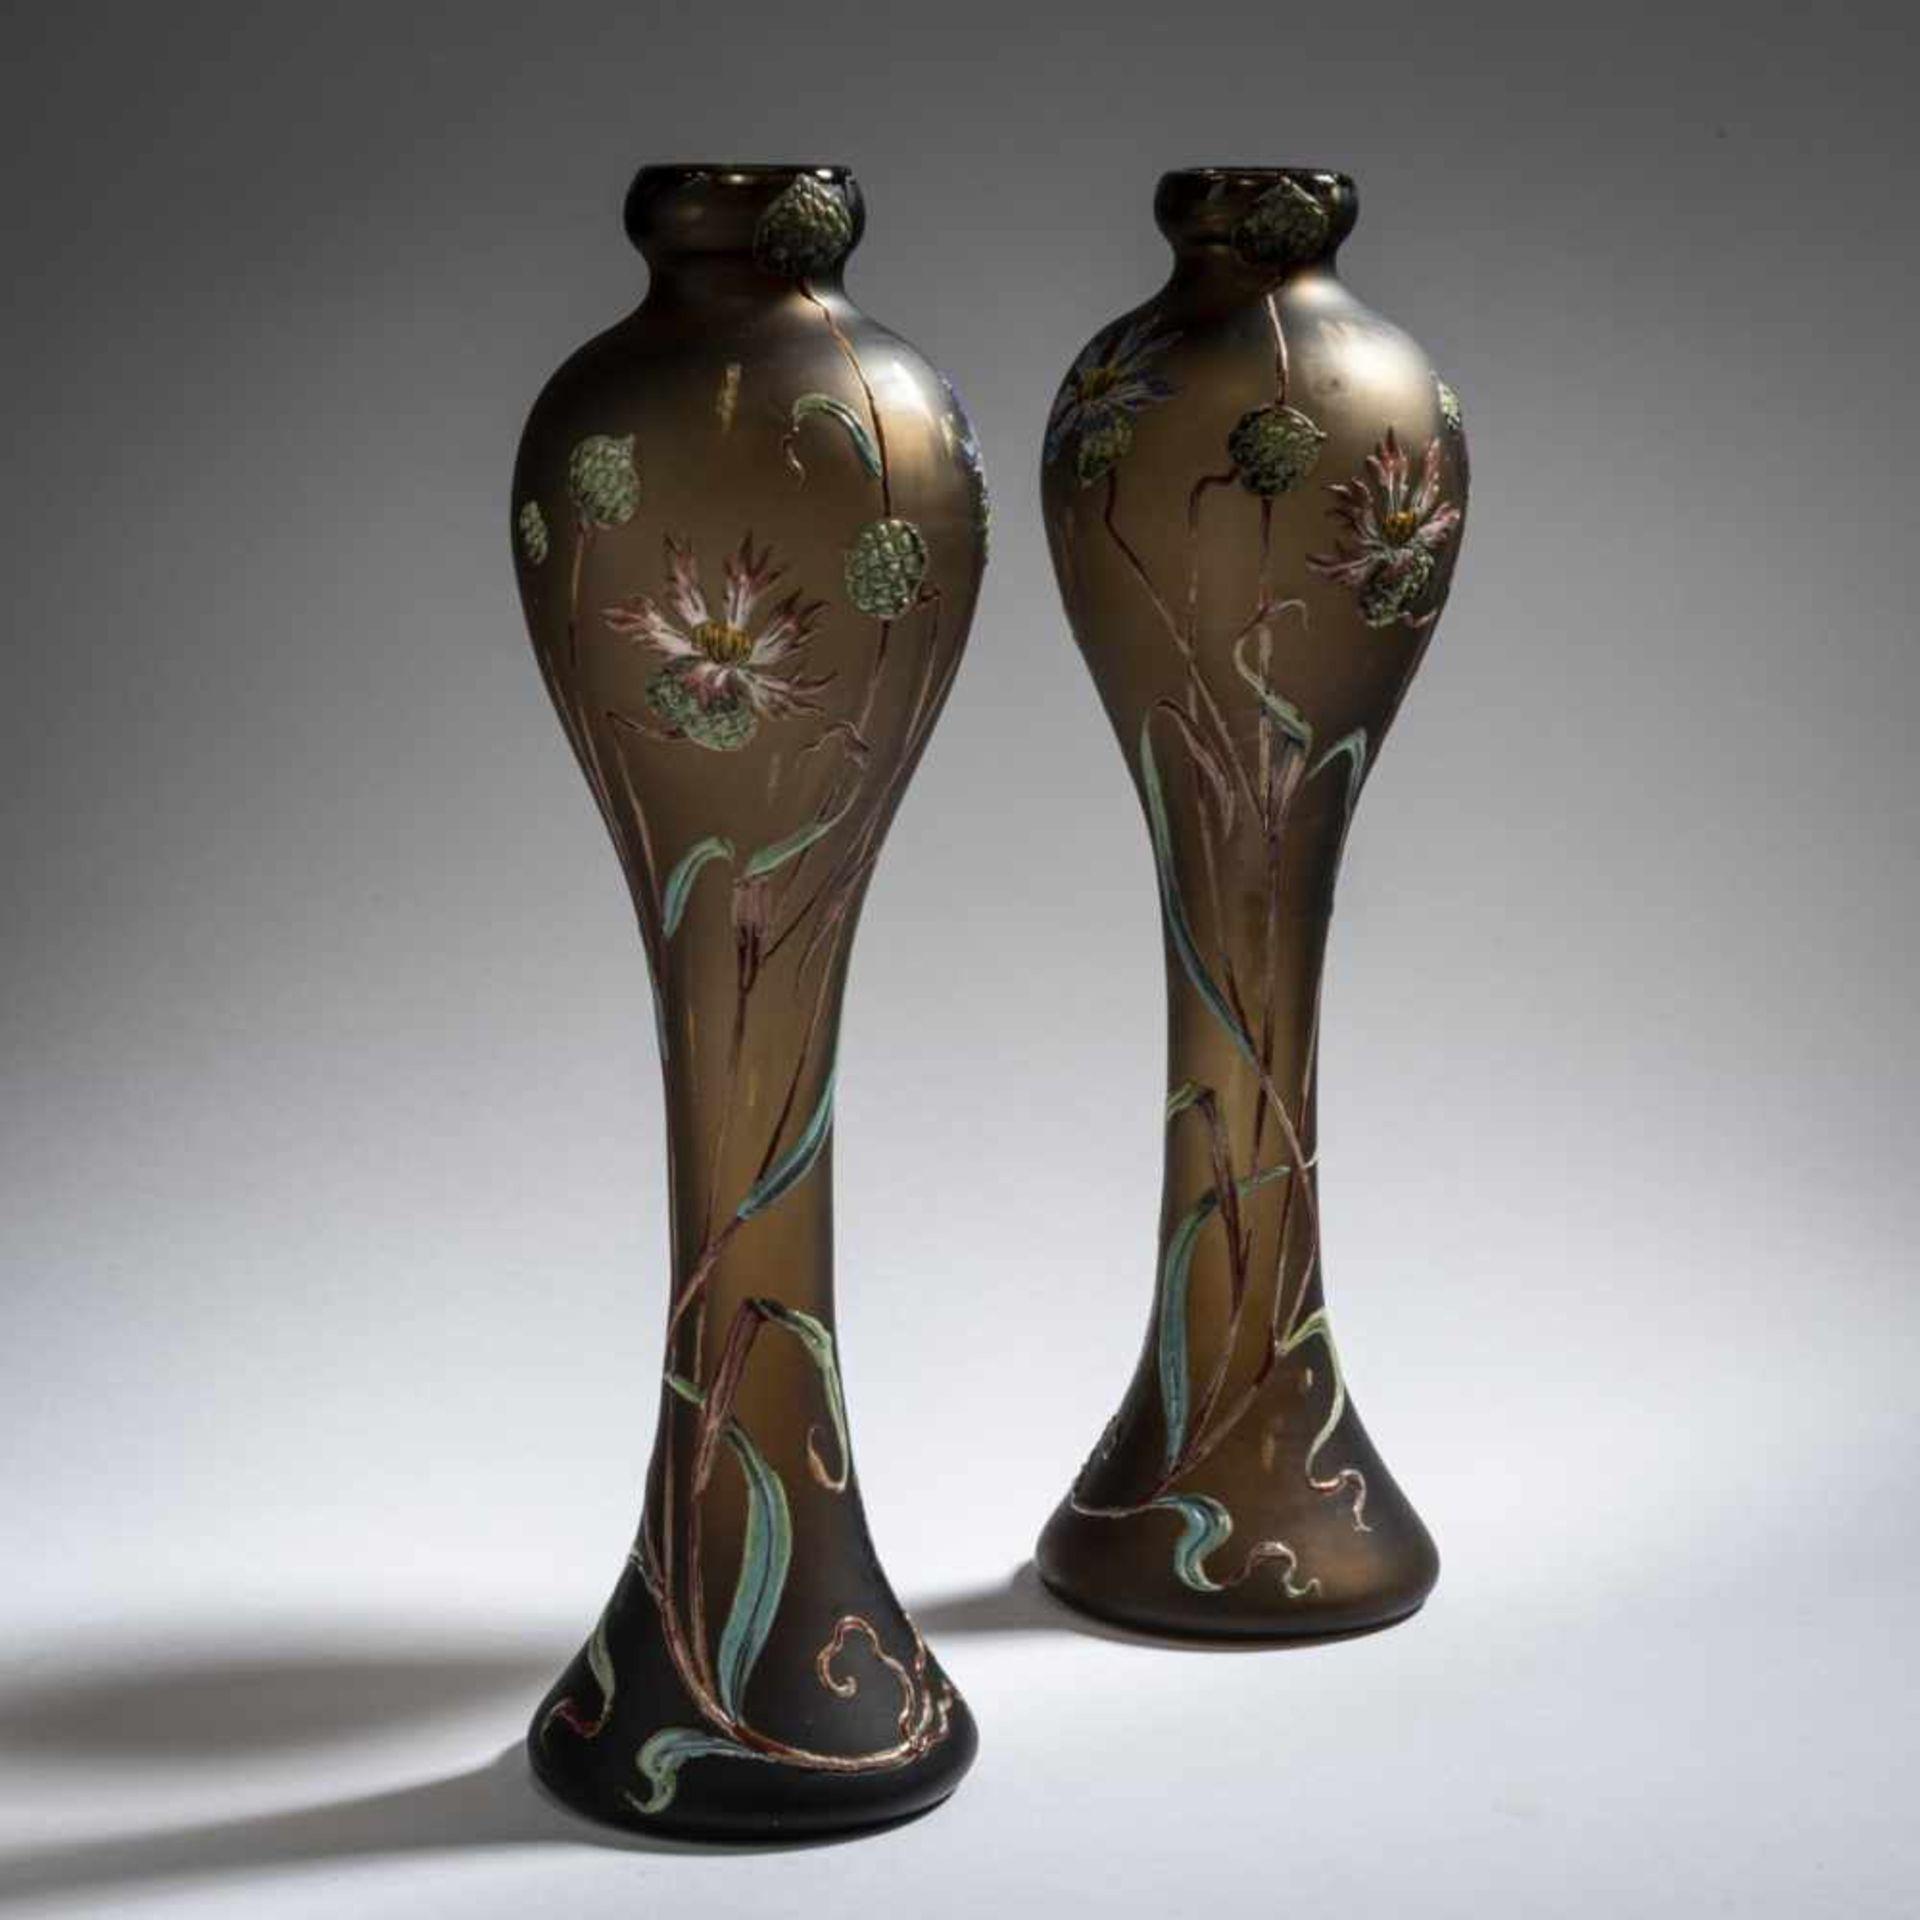 Verrerie d'Art de Lorraine, Burgun Schverer & Cie., Meisenthal, Pair of vases 'Bleuets', c. 1895- - Bild 6 aus 13